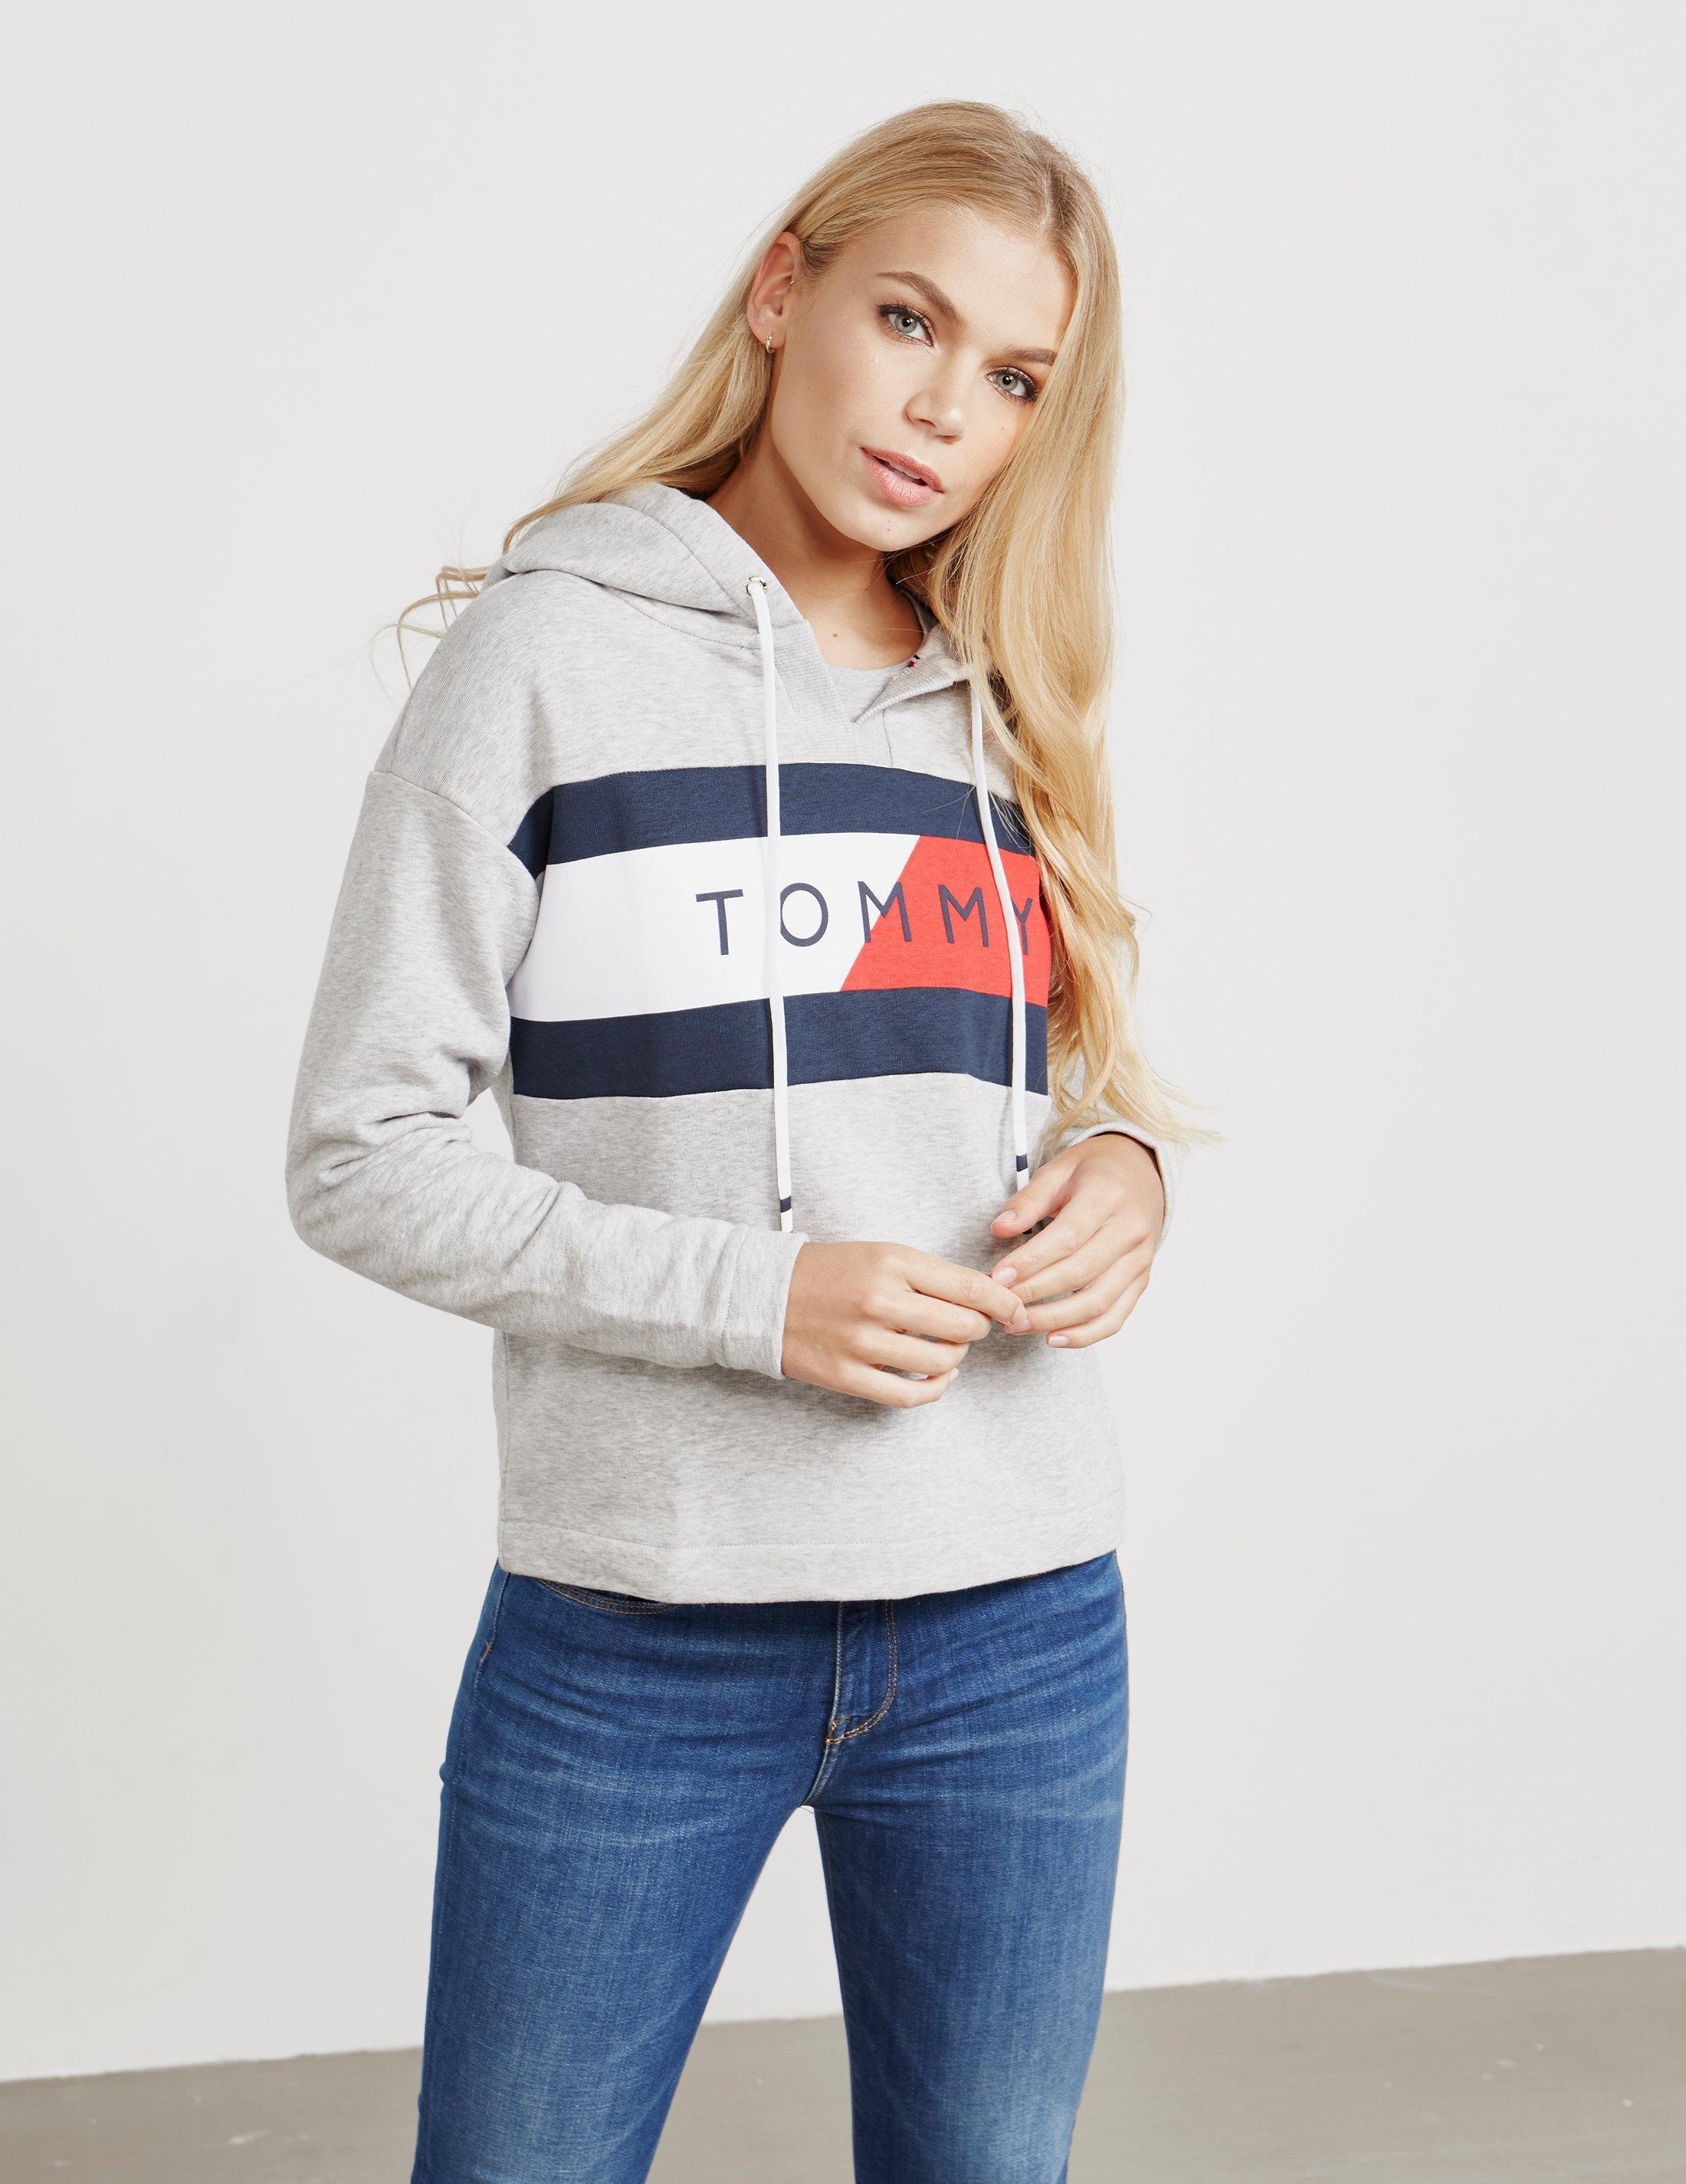 großer Verkauf exquisiter Stil Detaillierung Tommy Hilfiger Cotton Athletic Logo Flag Overhead Hoodie ...